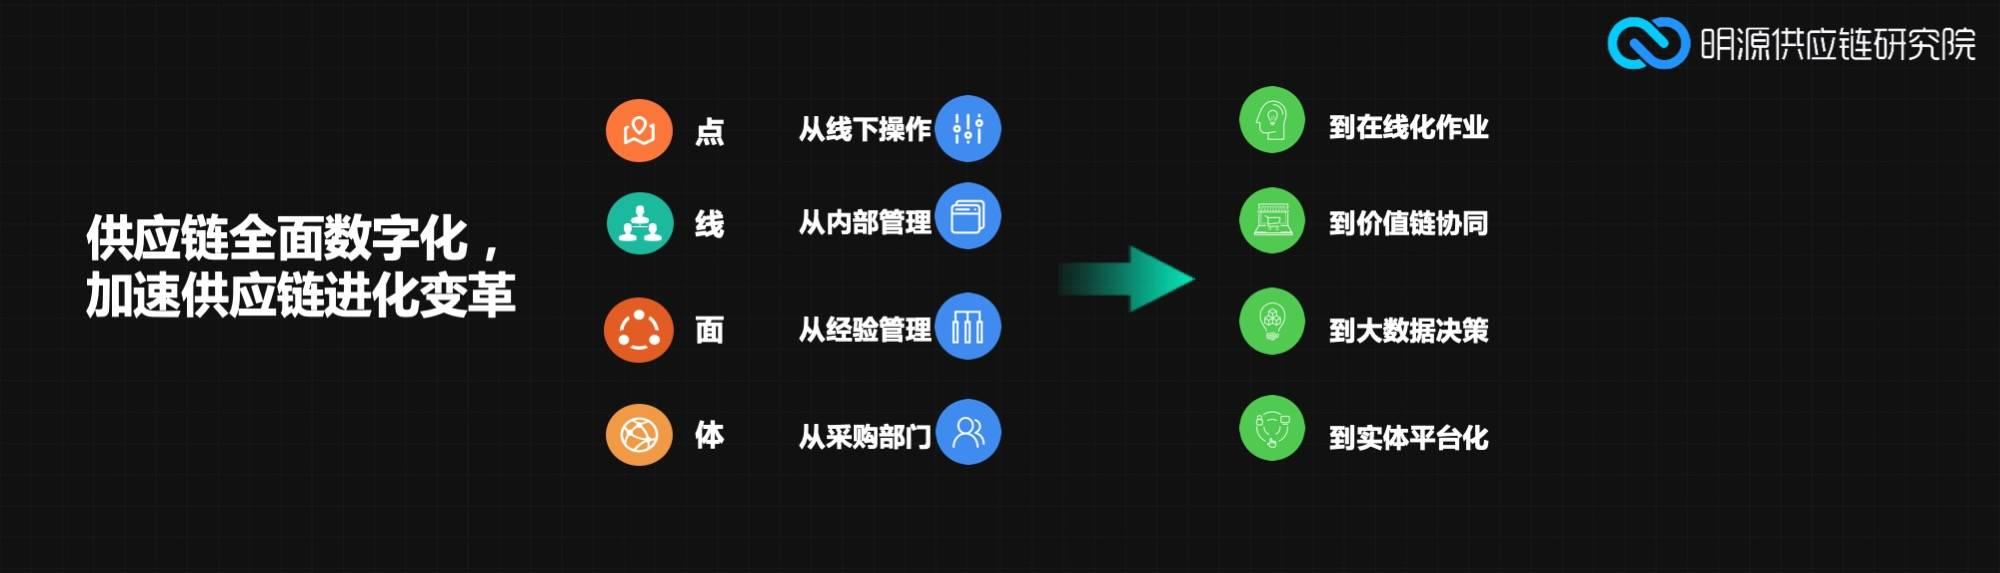 供应链变革维度.jpg